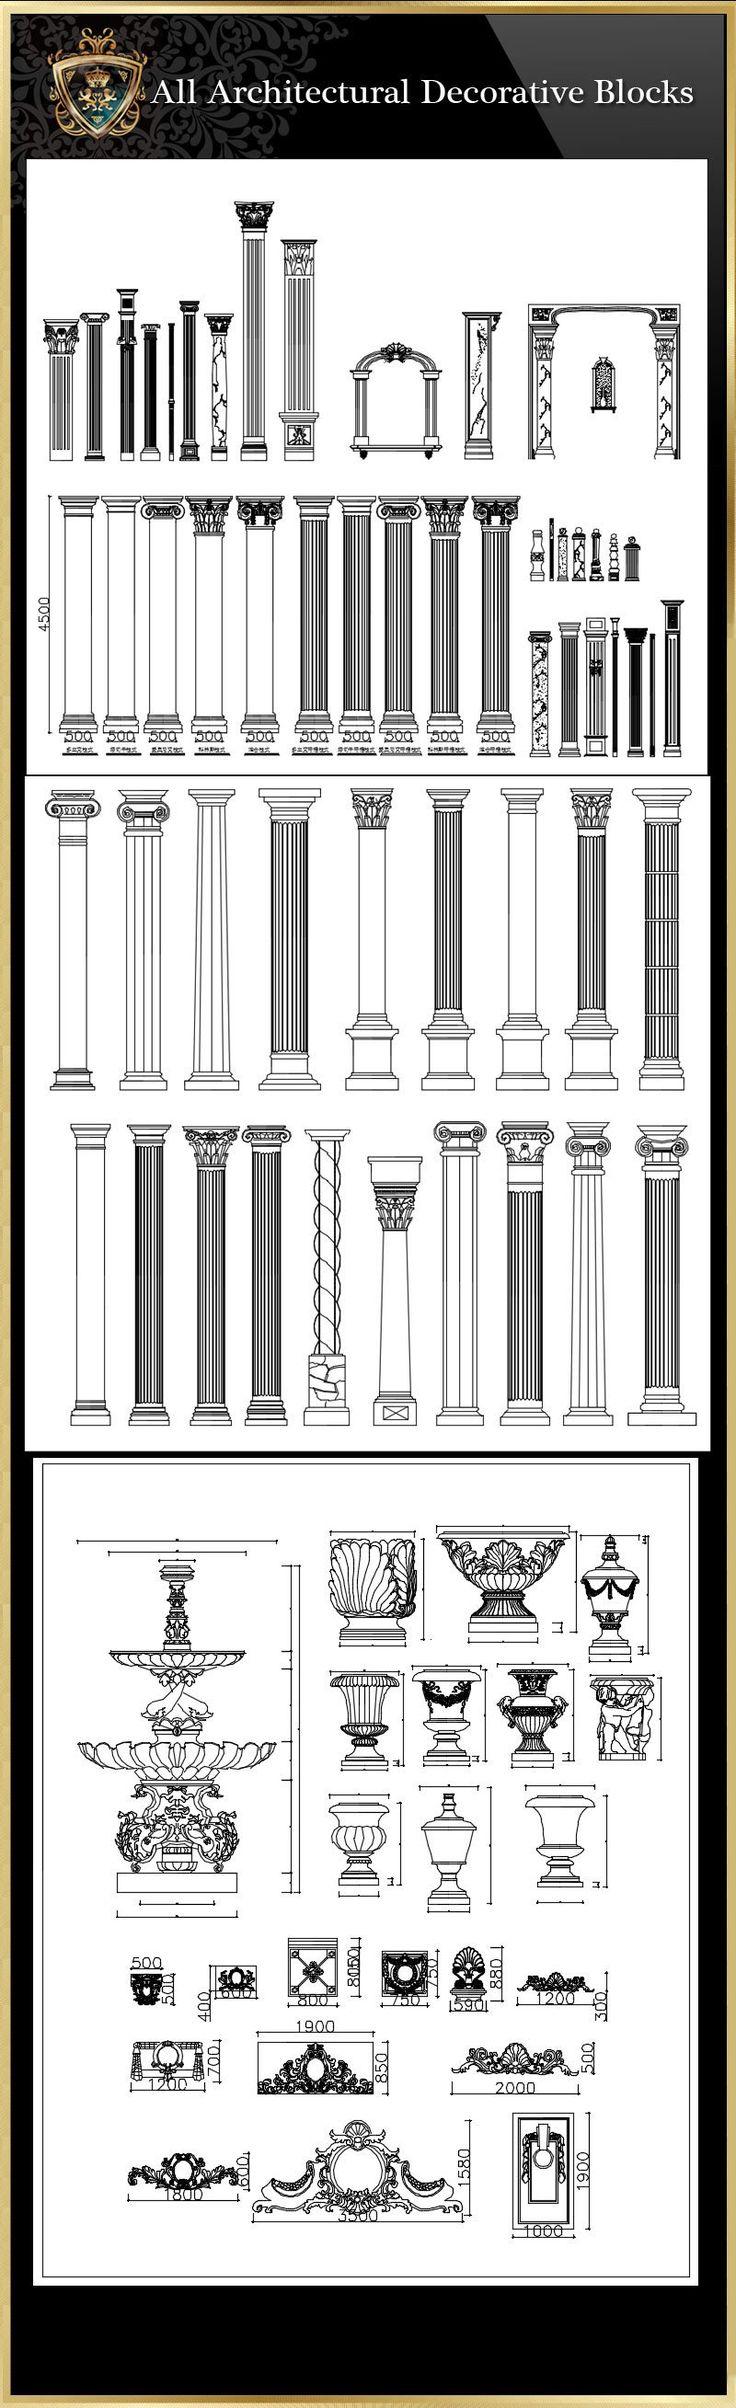 All architectural decorative blocks architecture decoration drawing decorative elements architecture decorationdrawing architecture decor